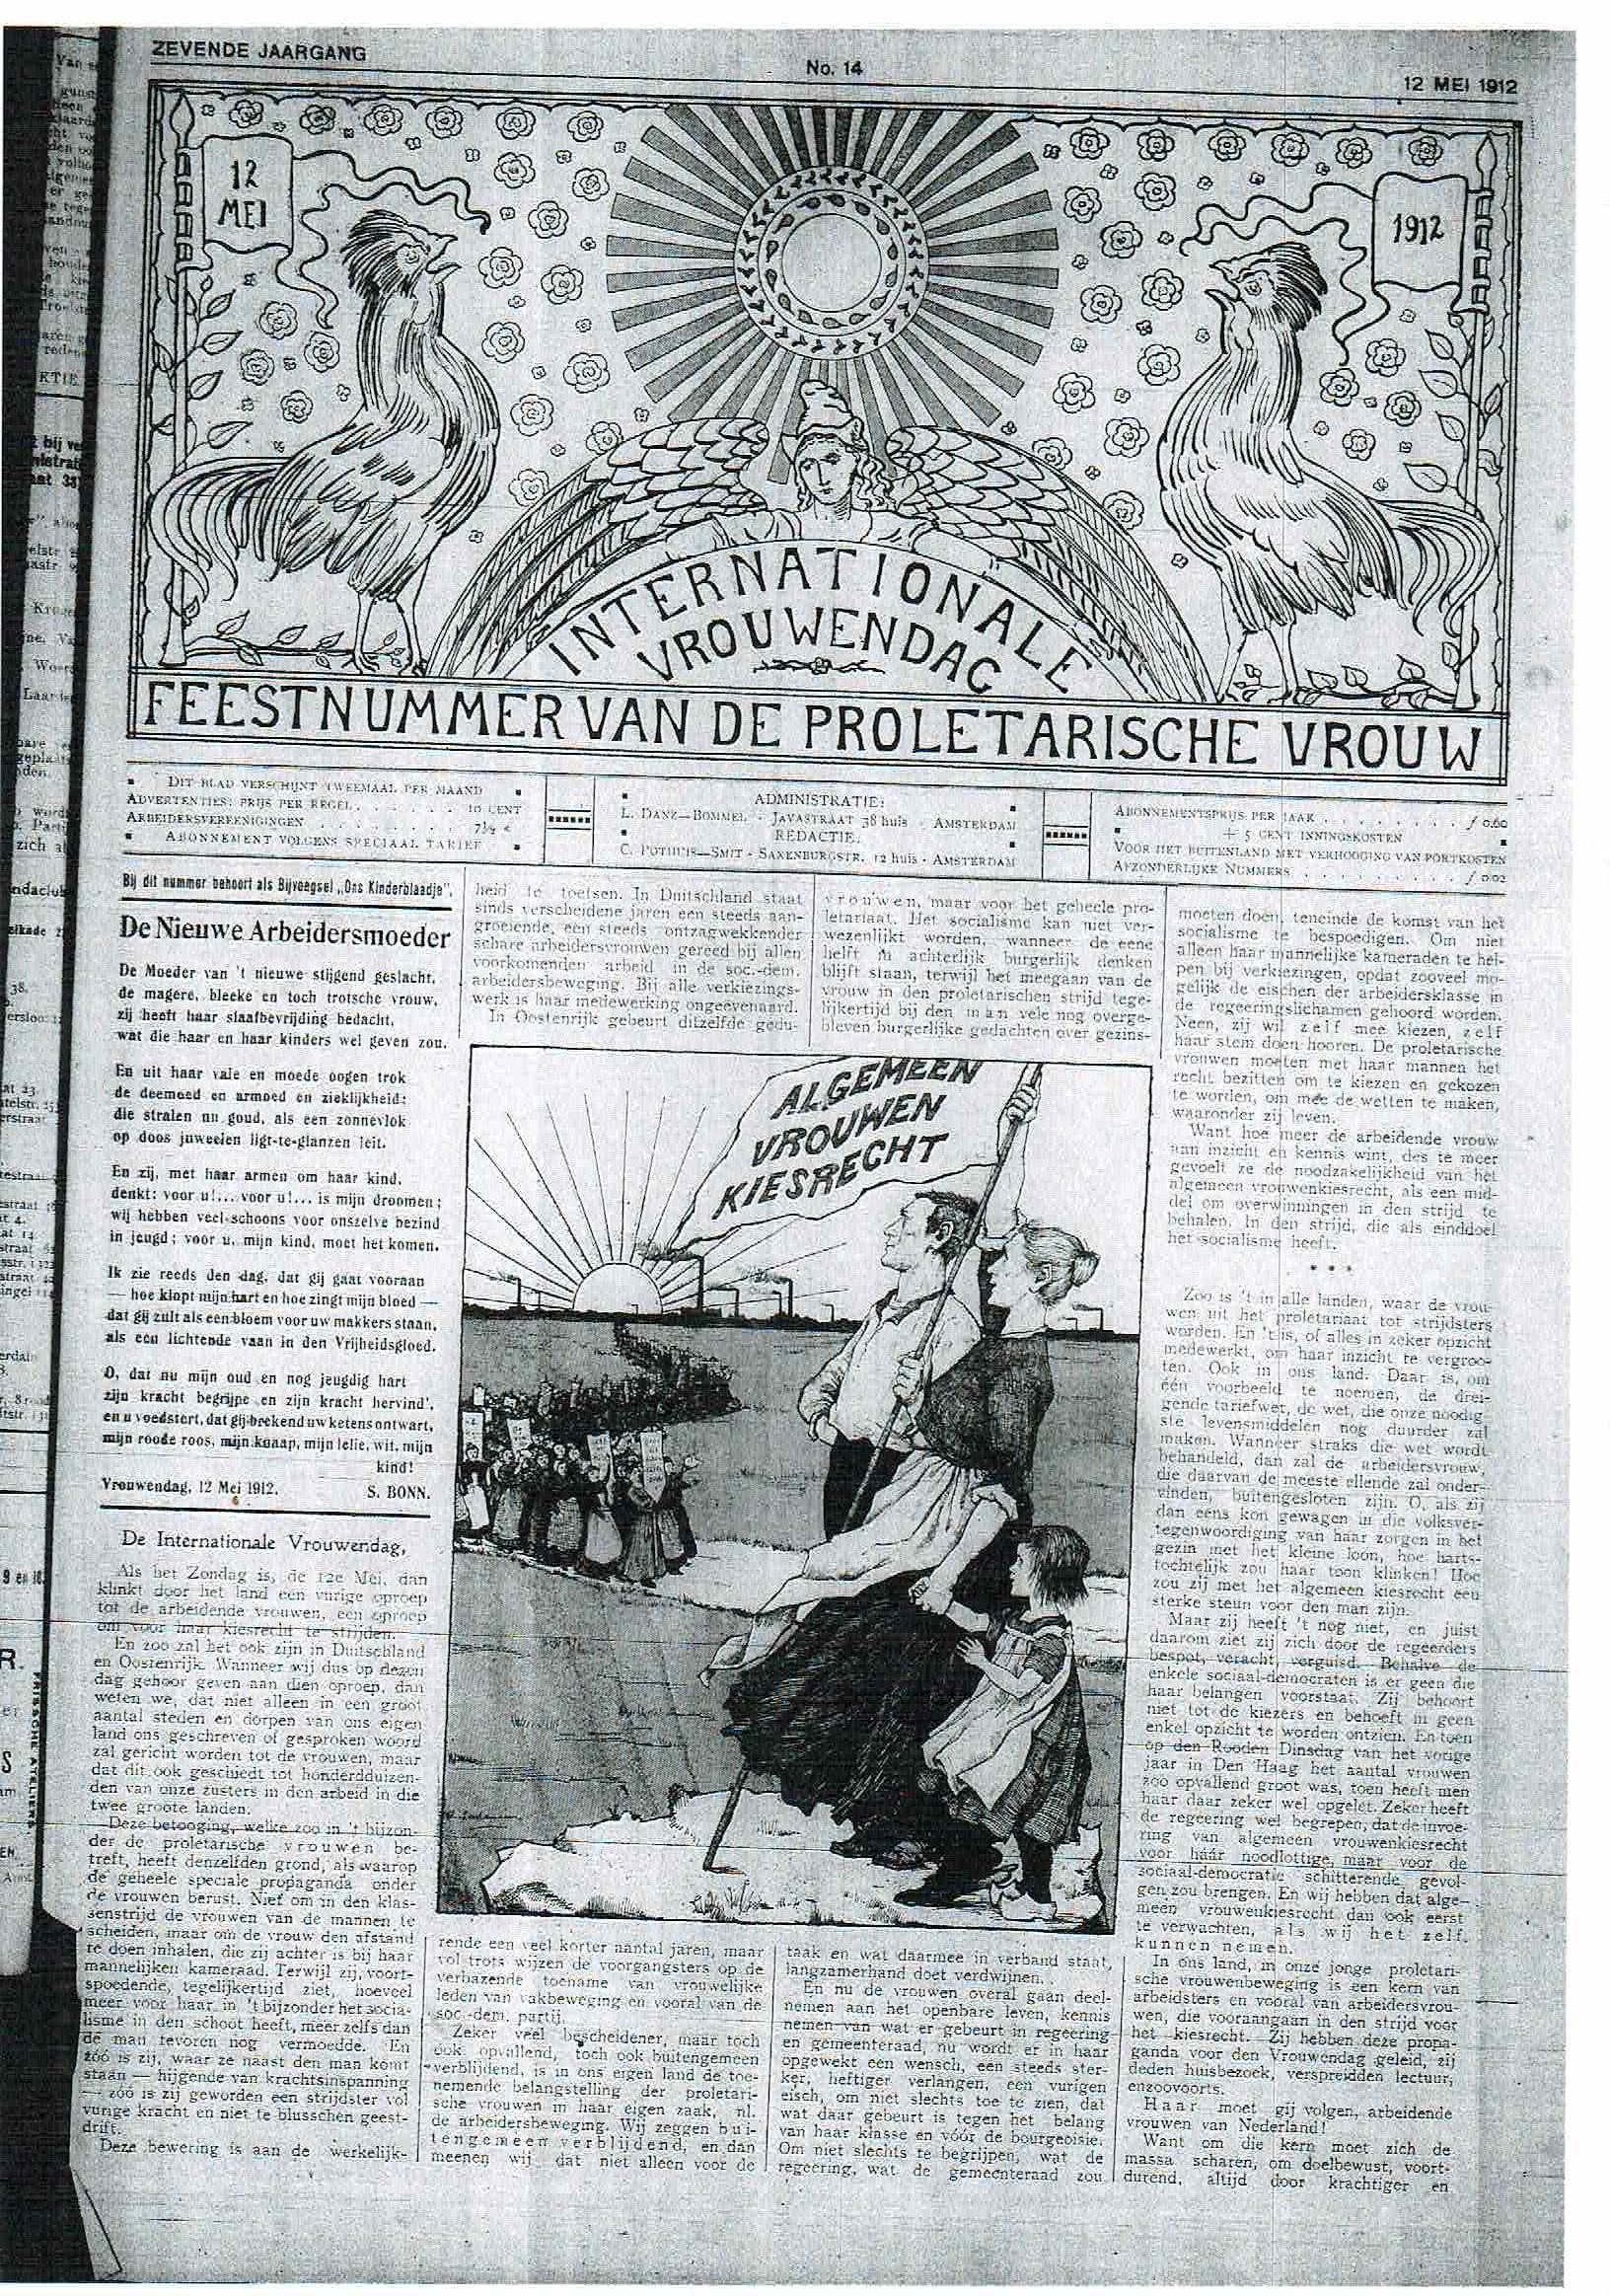 De proletarische vrouw; 1912, 12 mei